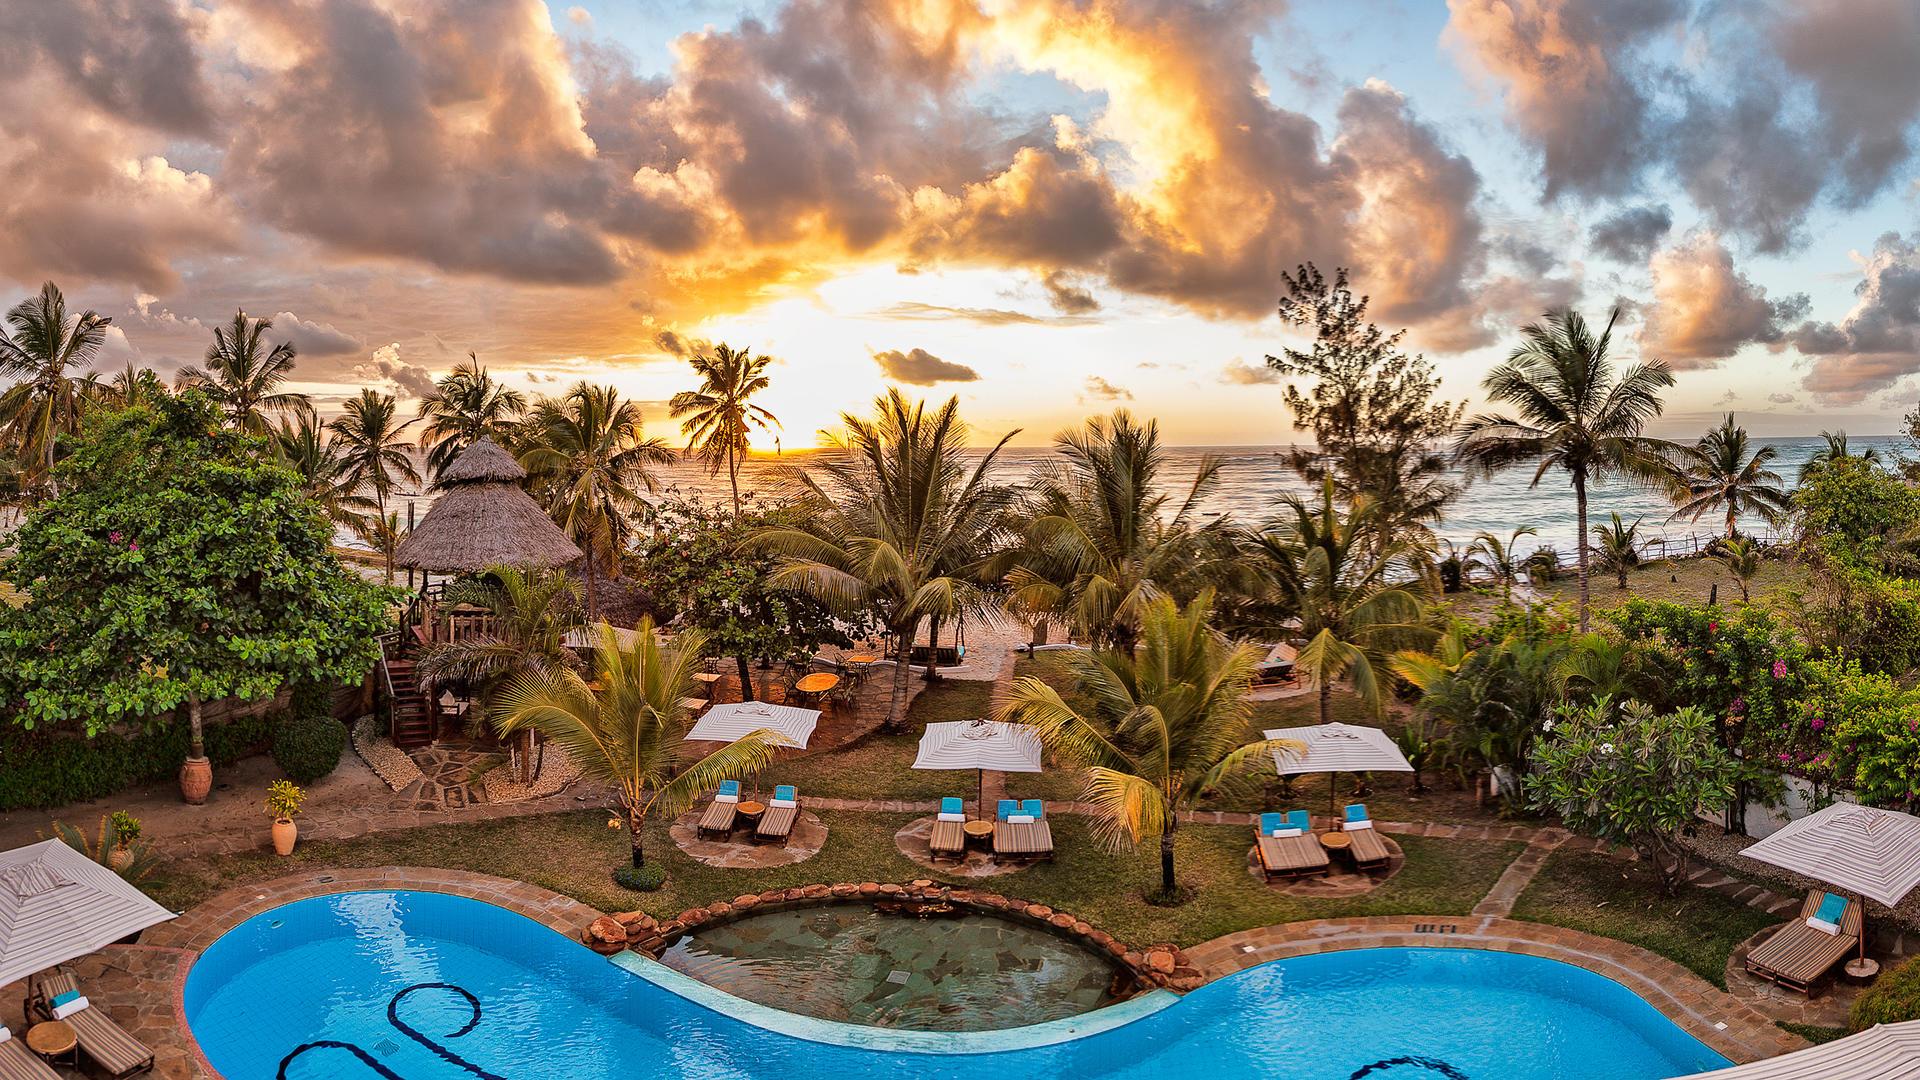 11 Days Kenya Honeymoon Safari and Beach